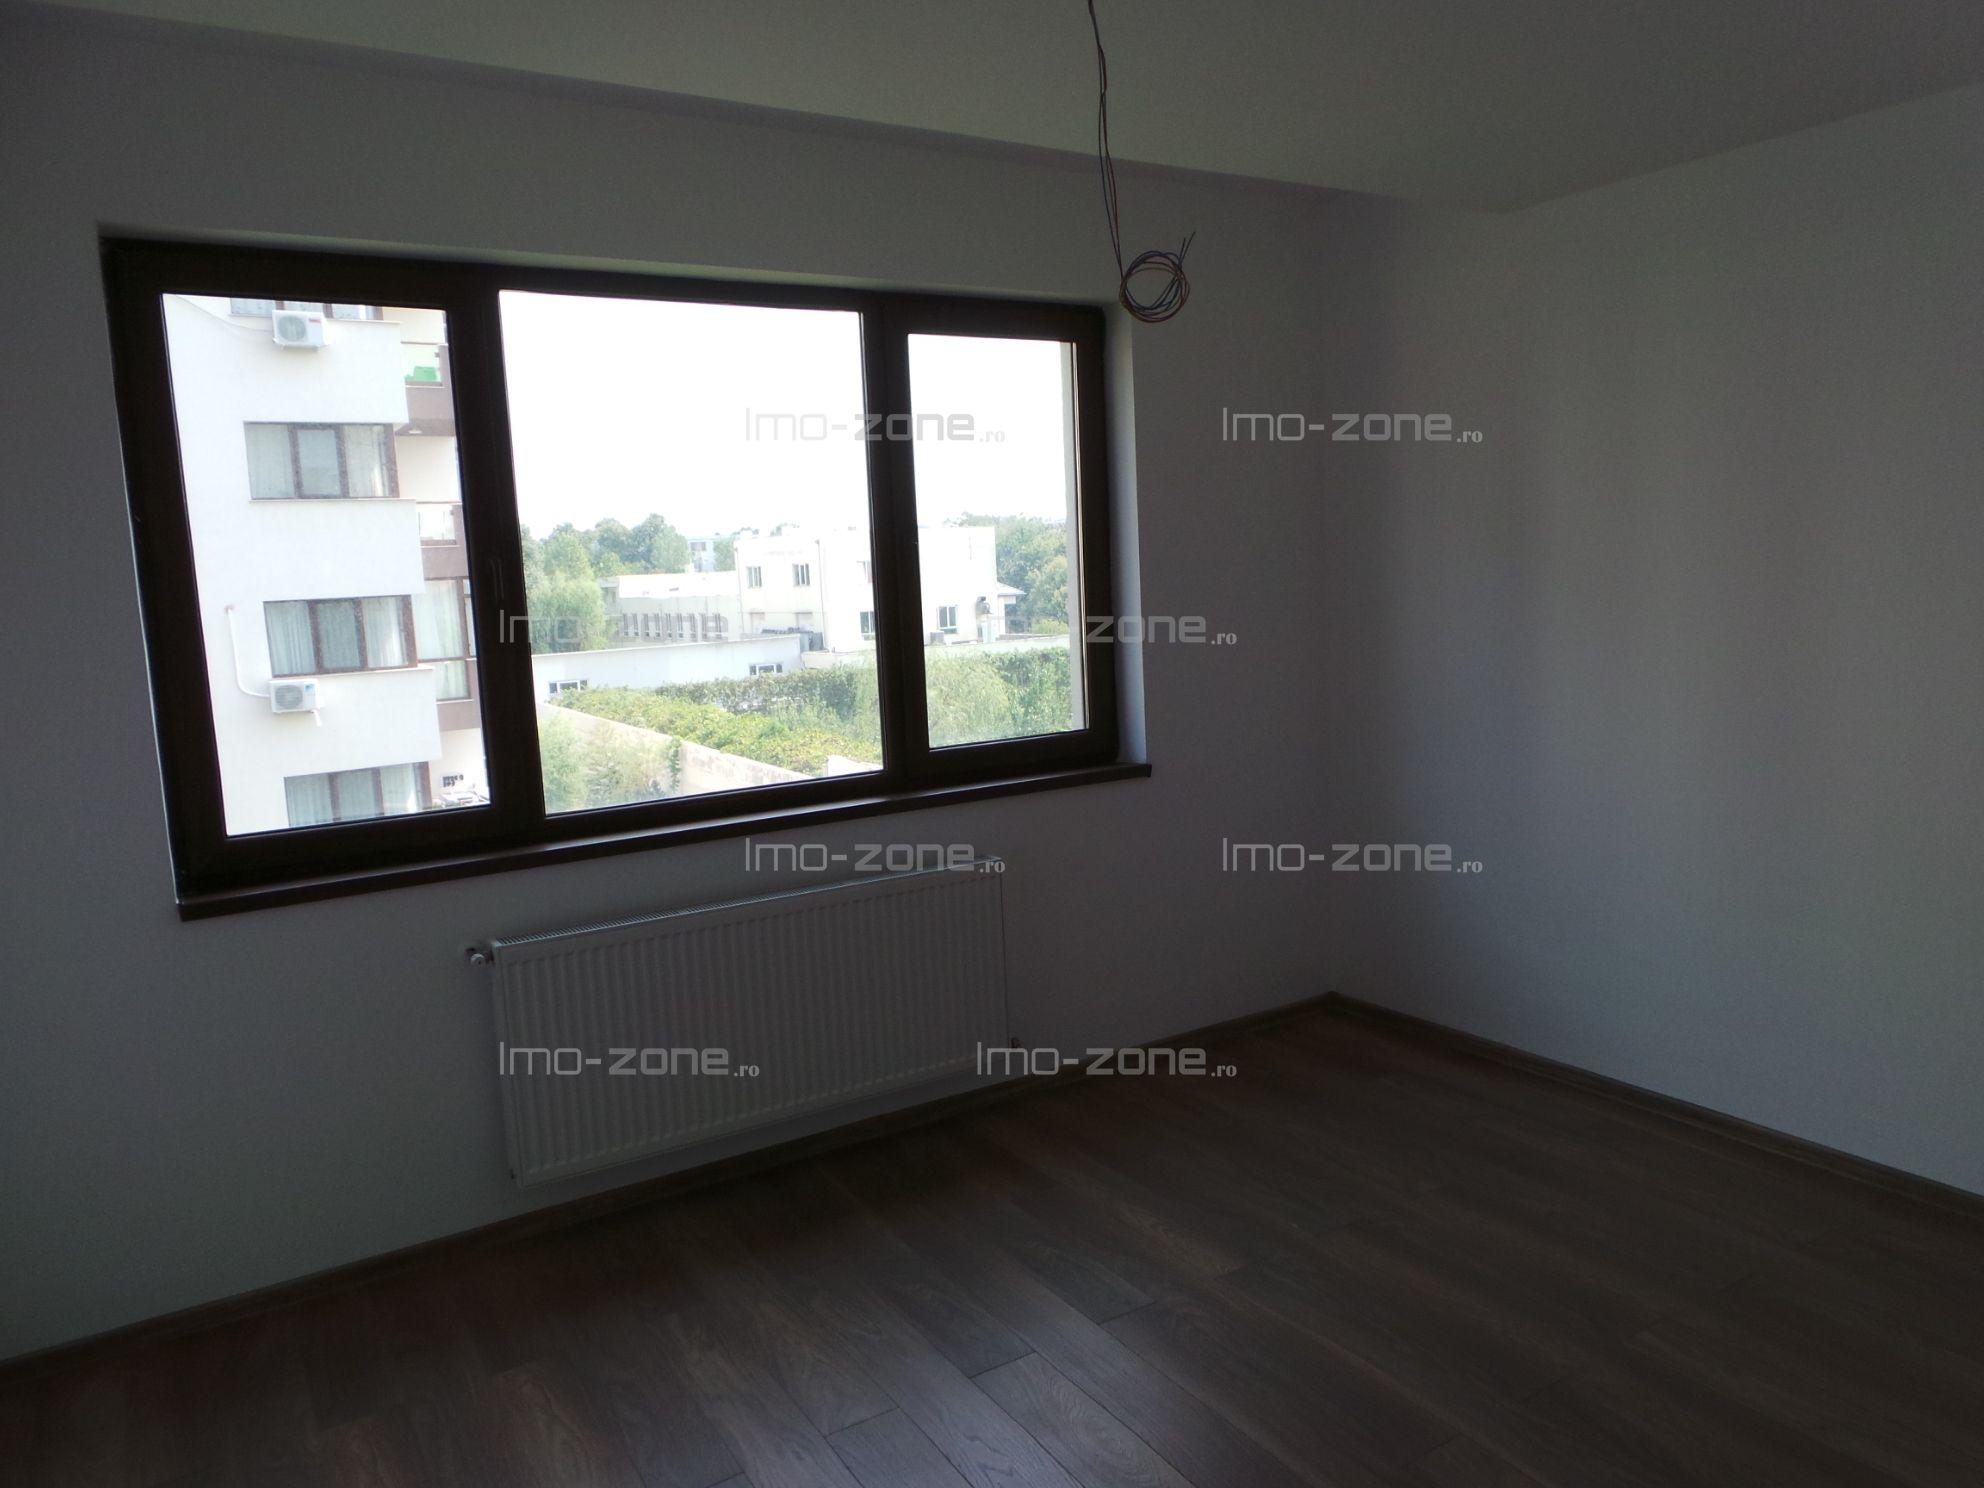 Drumul Taberei conmstructie 2015 apartament cu 2 camere